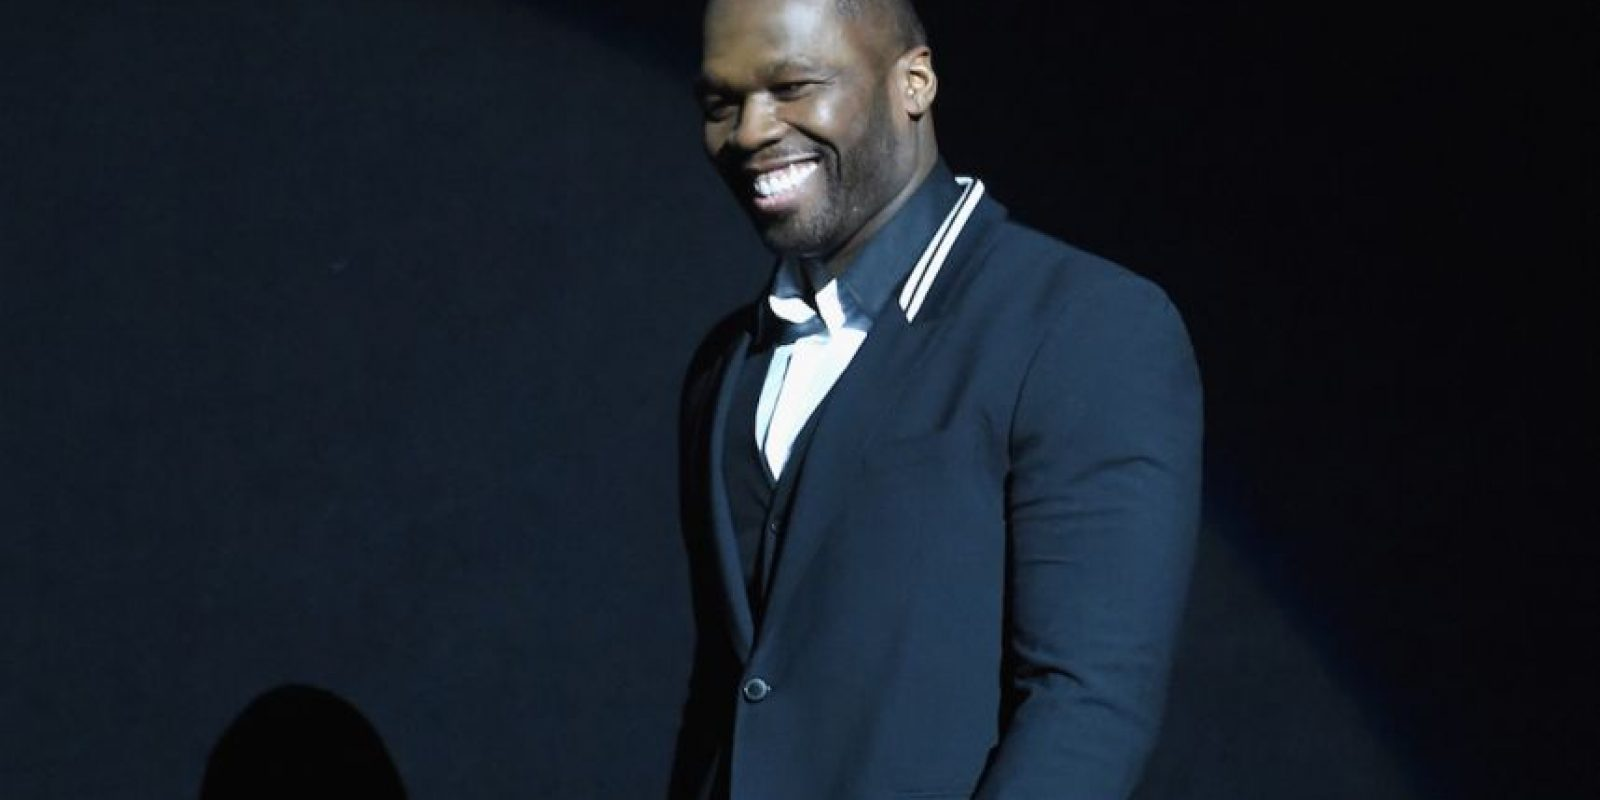 El rapero no pagó un juicio masivo de más de 17 millones de dólares contra la compañia Sleek Audio Foto:Getty Images